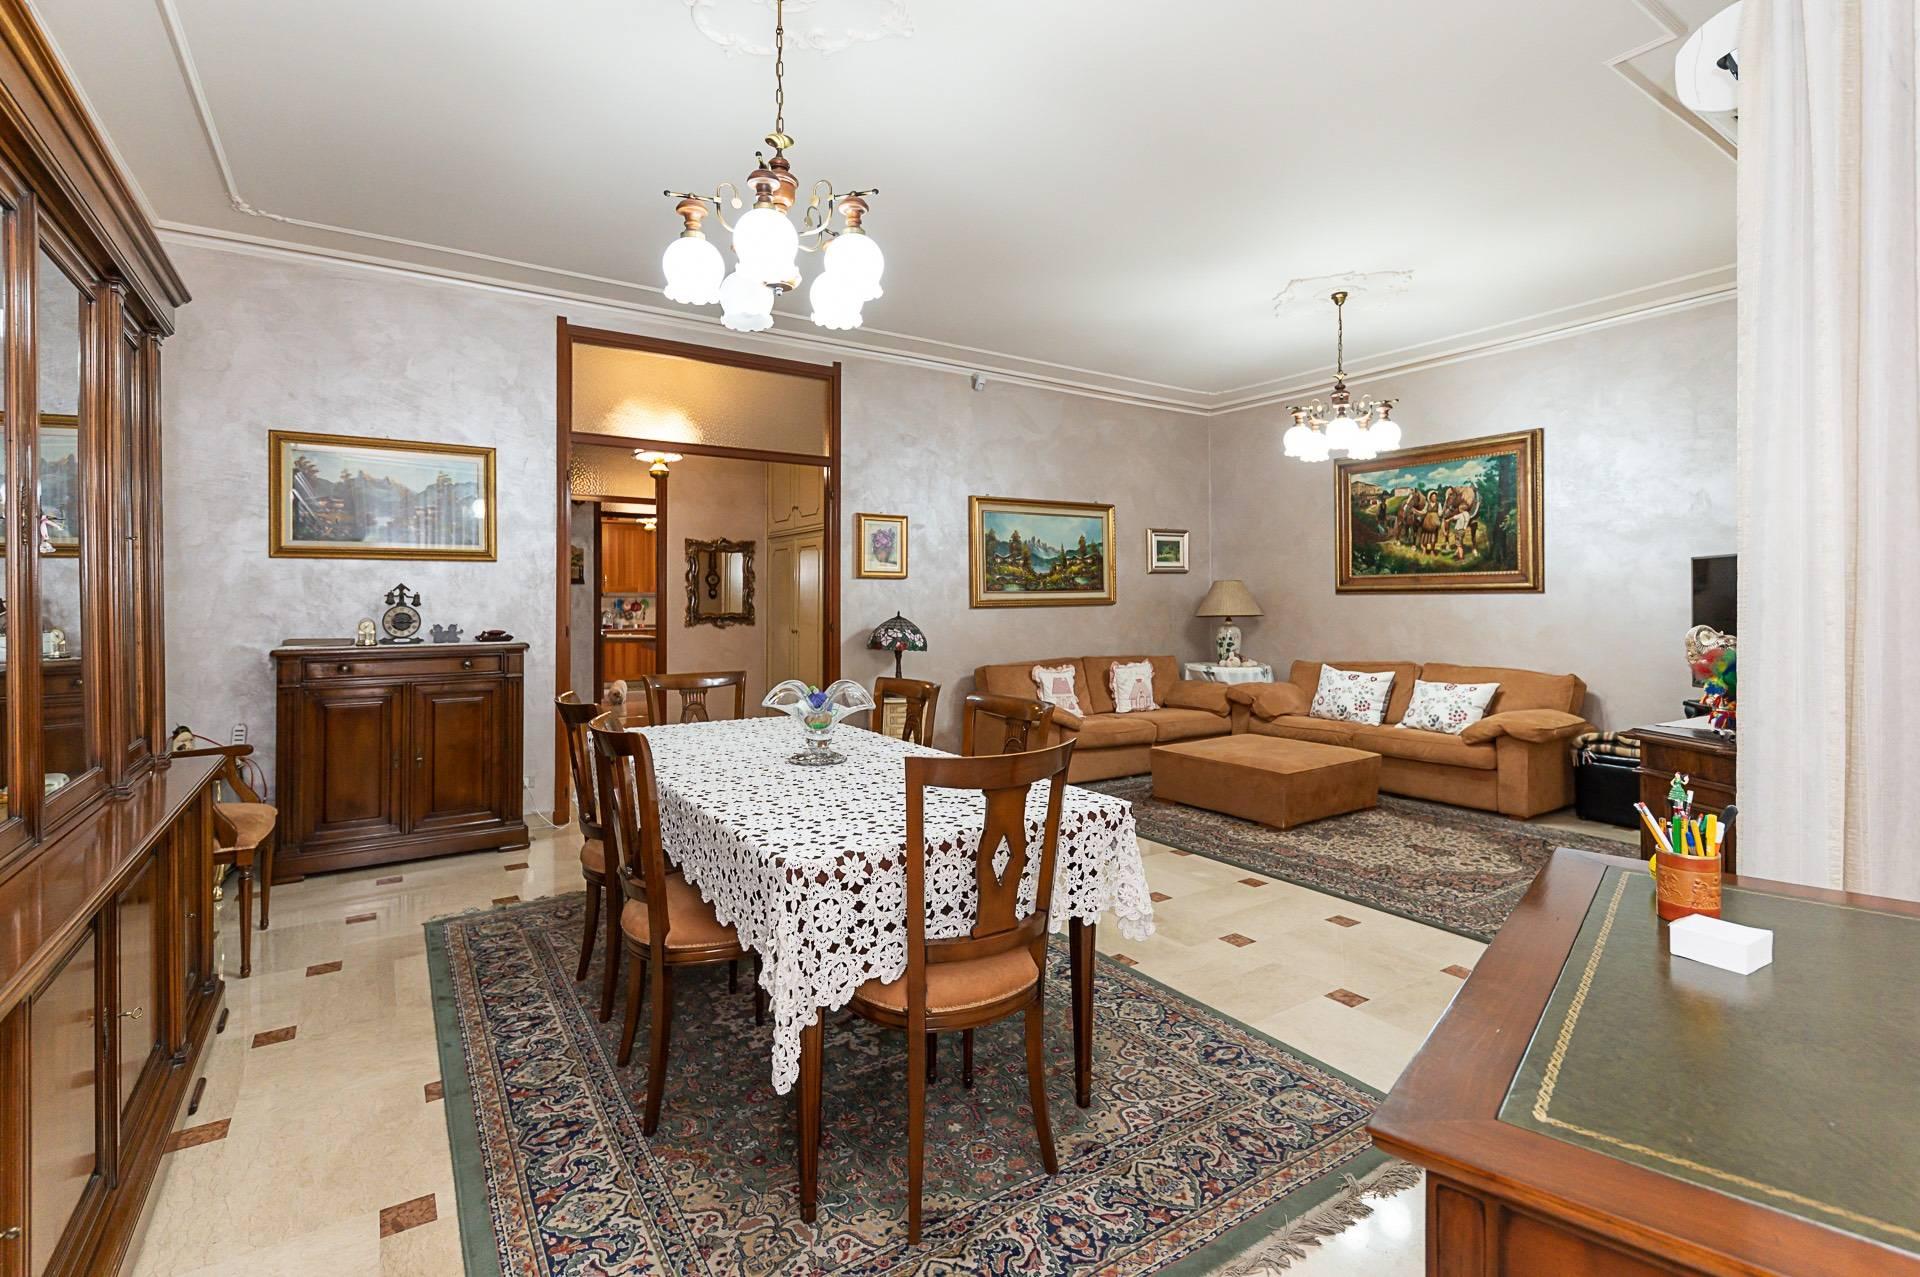 Appartamento in vendita a Rivoli, 6 locali, zona Località: Centrale, prezzo € 298.000   PortaleAgenzieImmobiliari.it